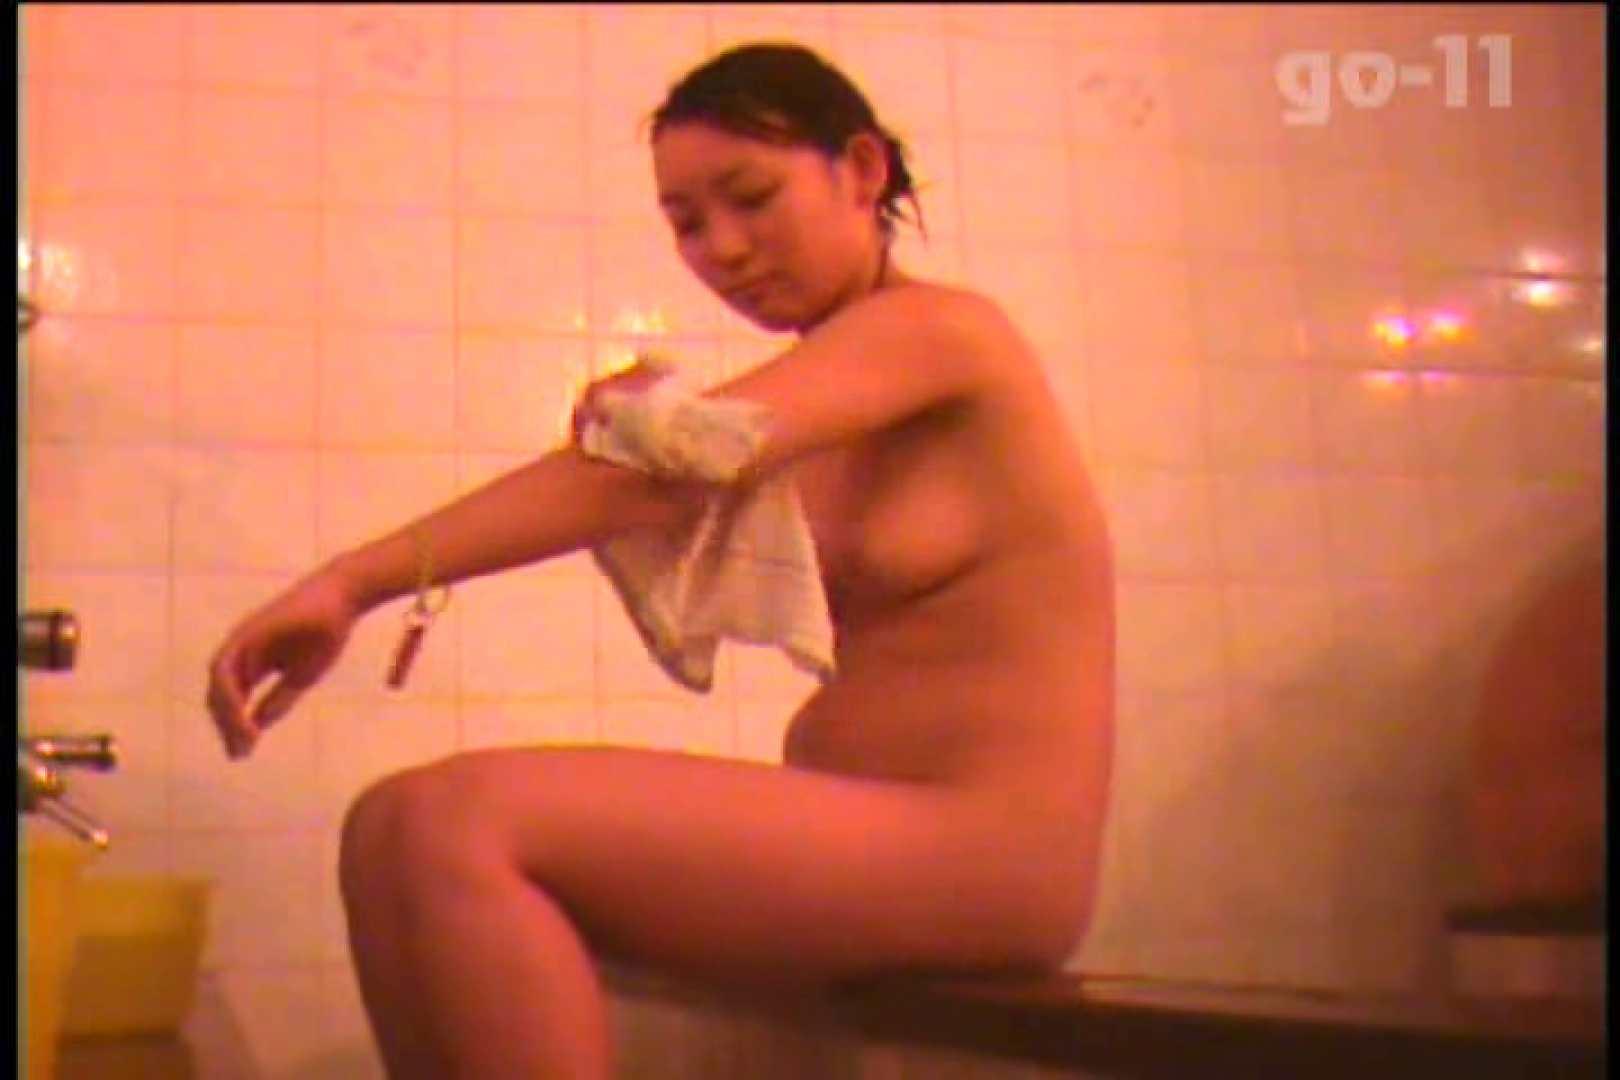 電波カメラ設置浴場からの防HAN映像 Vol.11 チラ  91pic 5